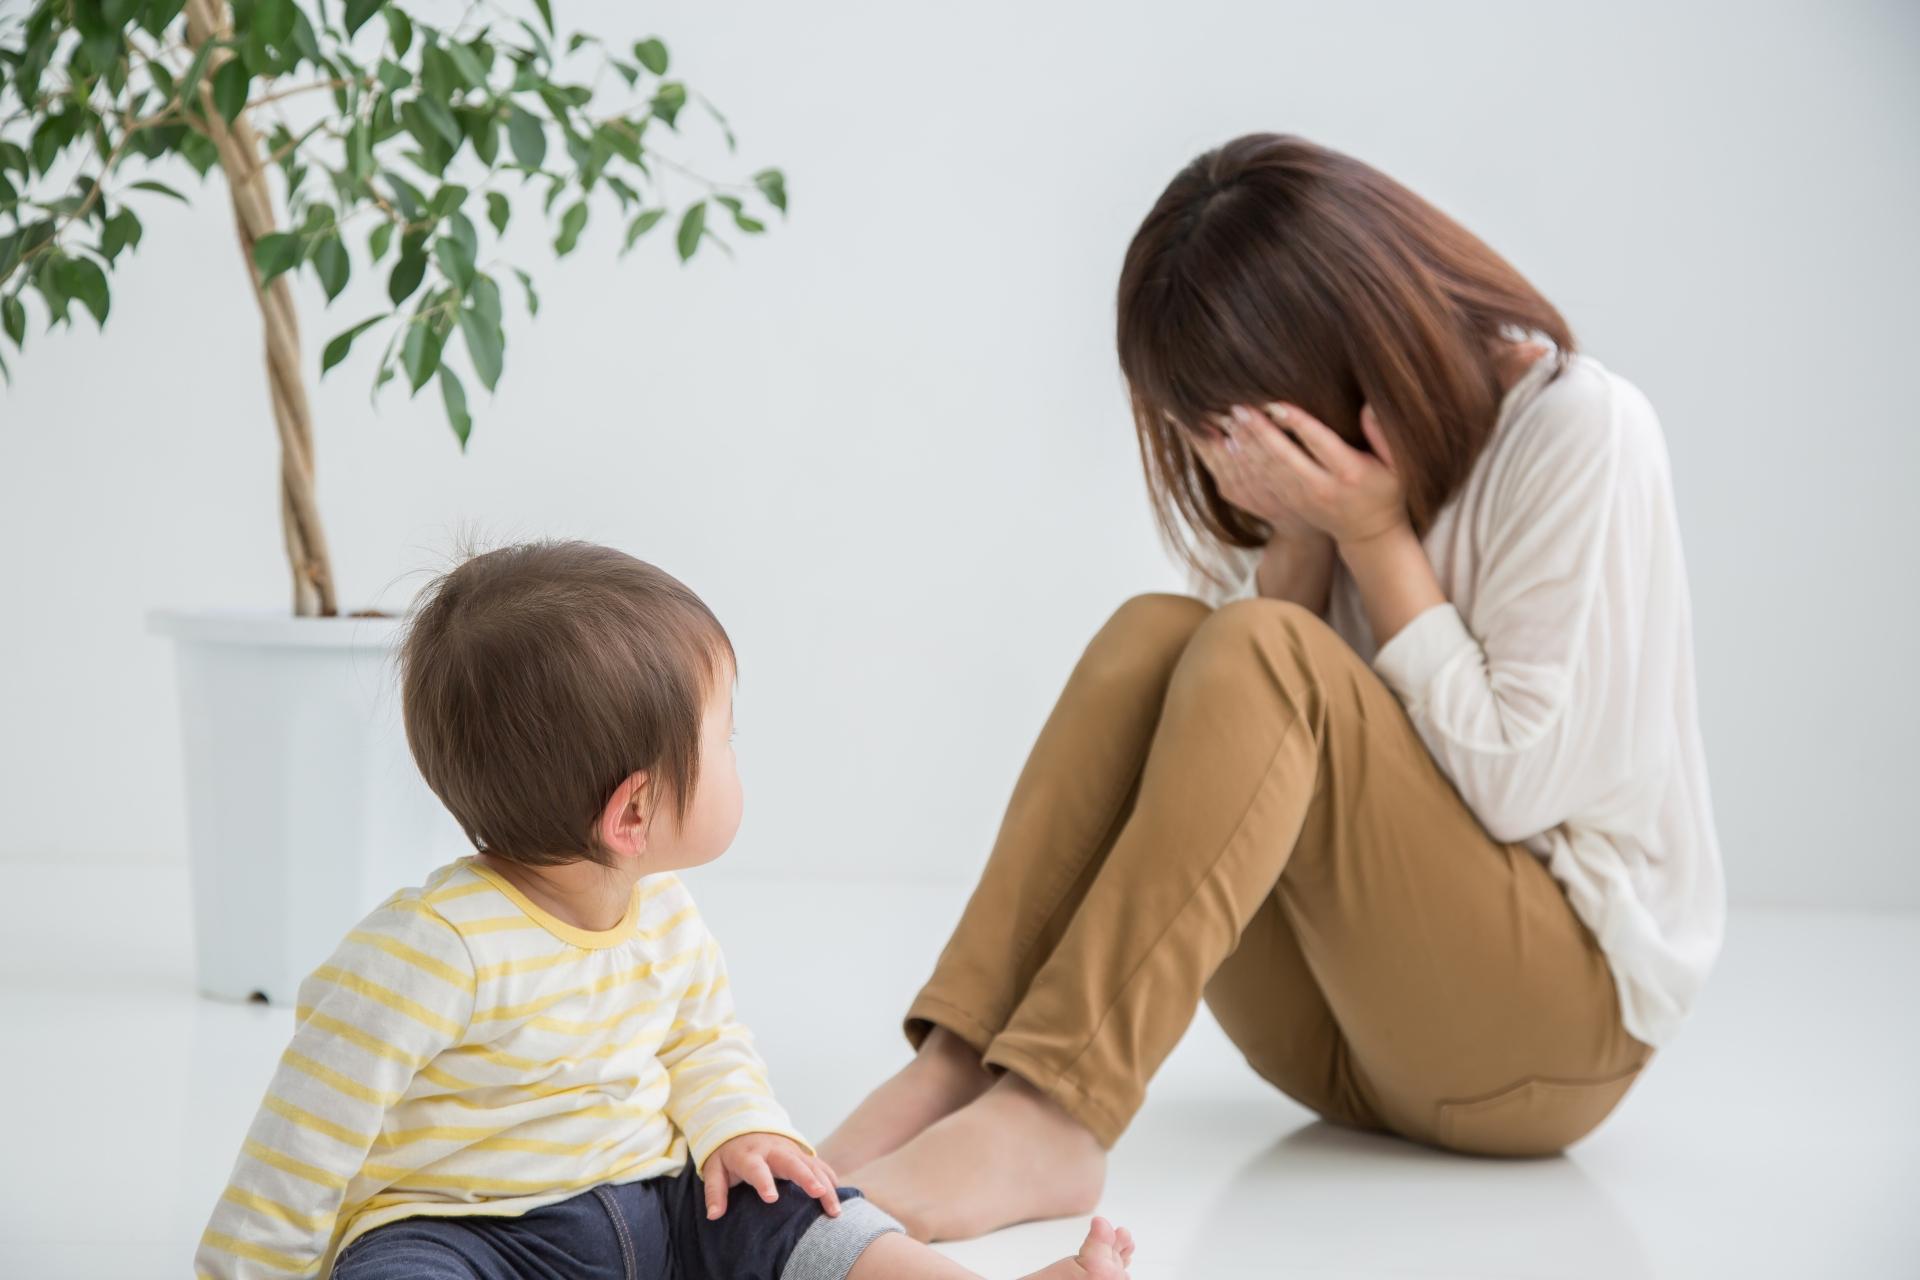 育児に疲れた時の対処法はある?3歳の我が子と上手に接する方法